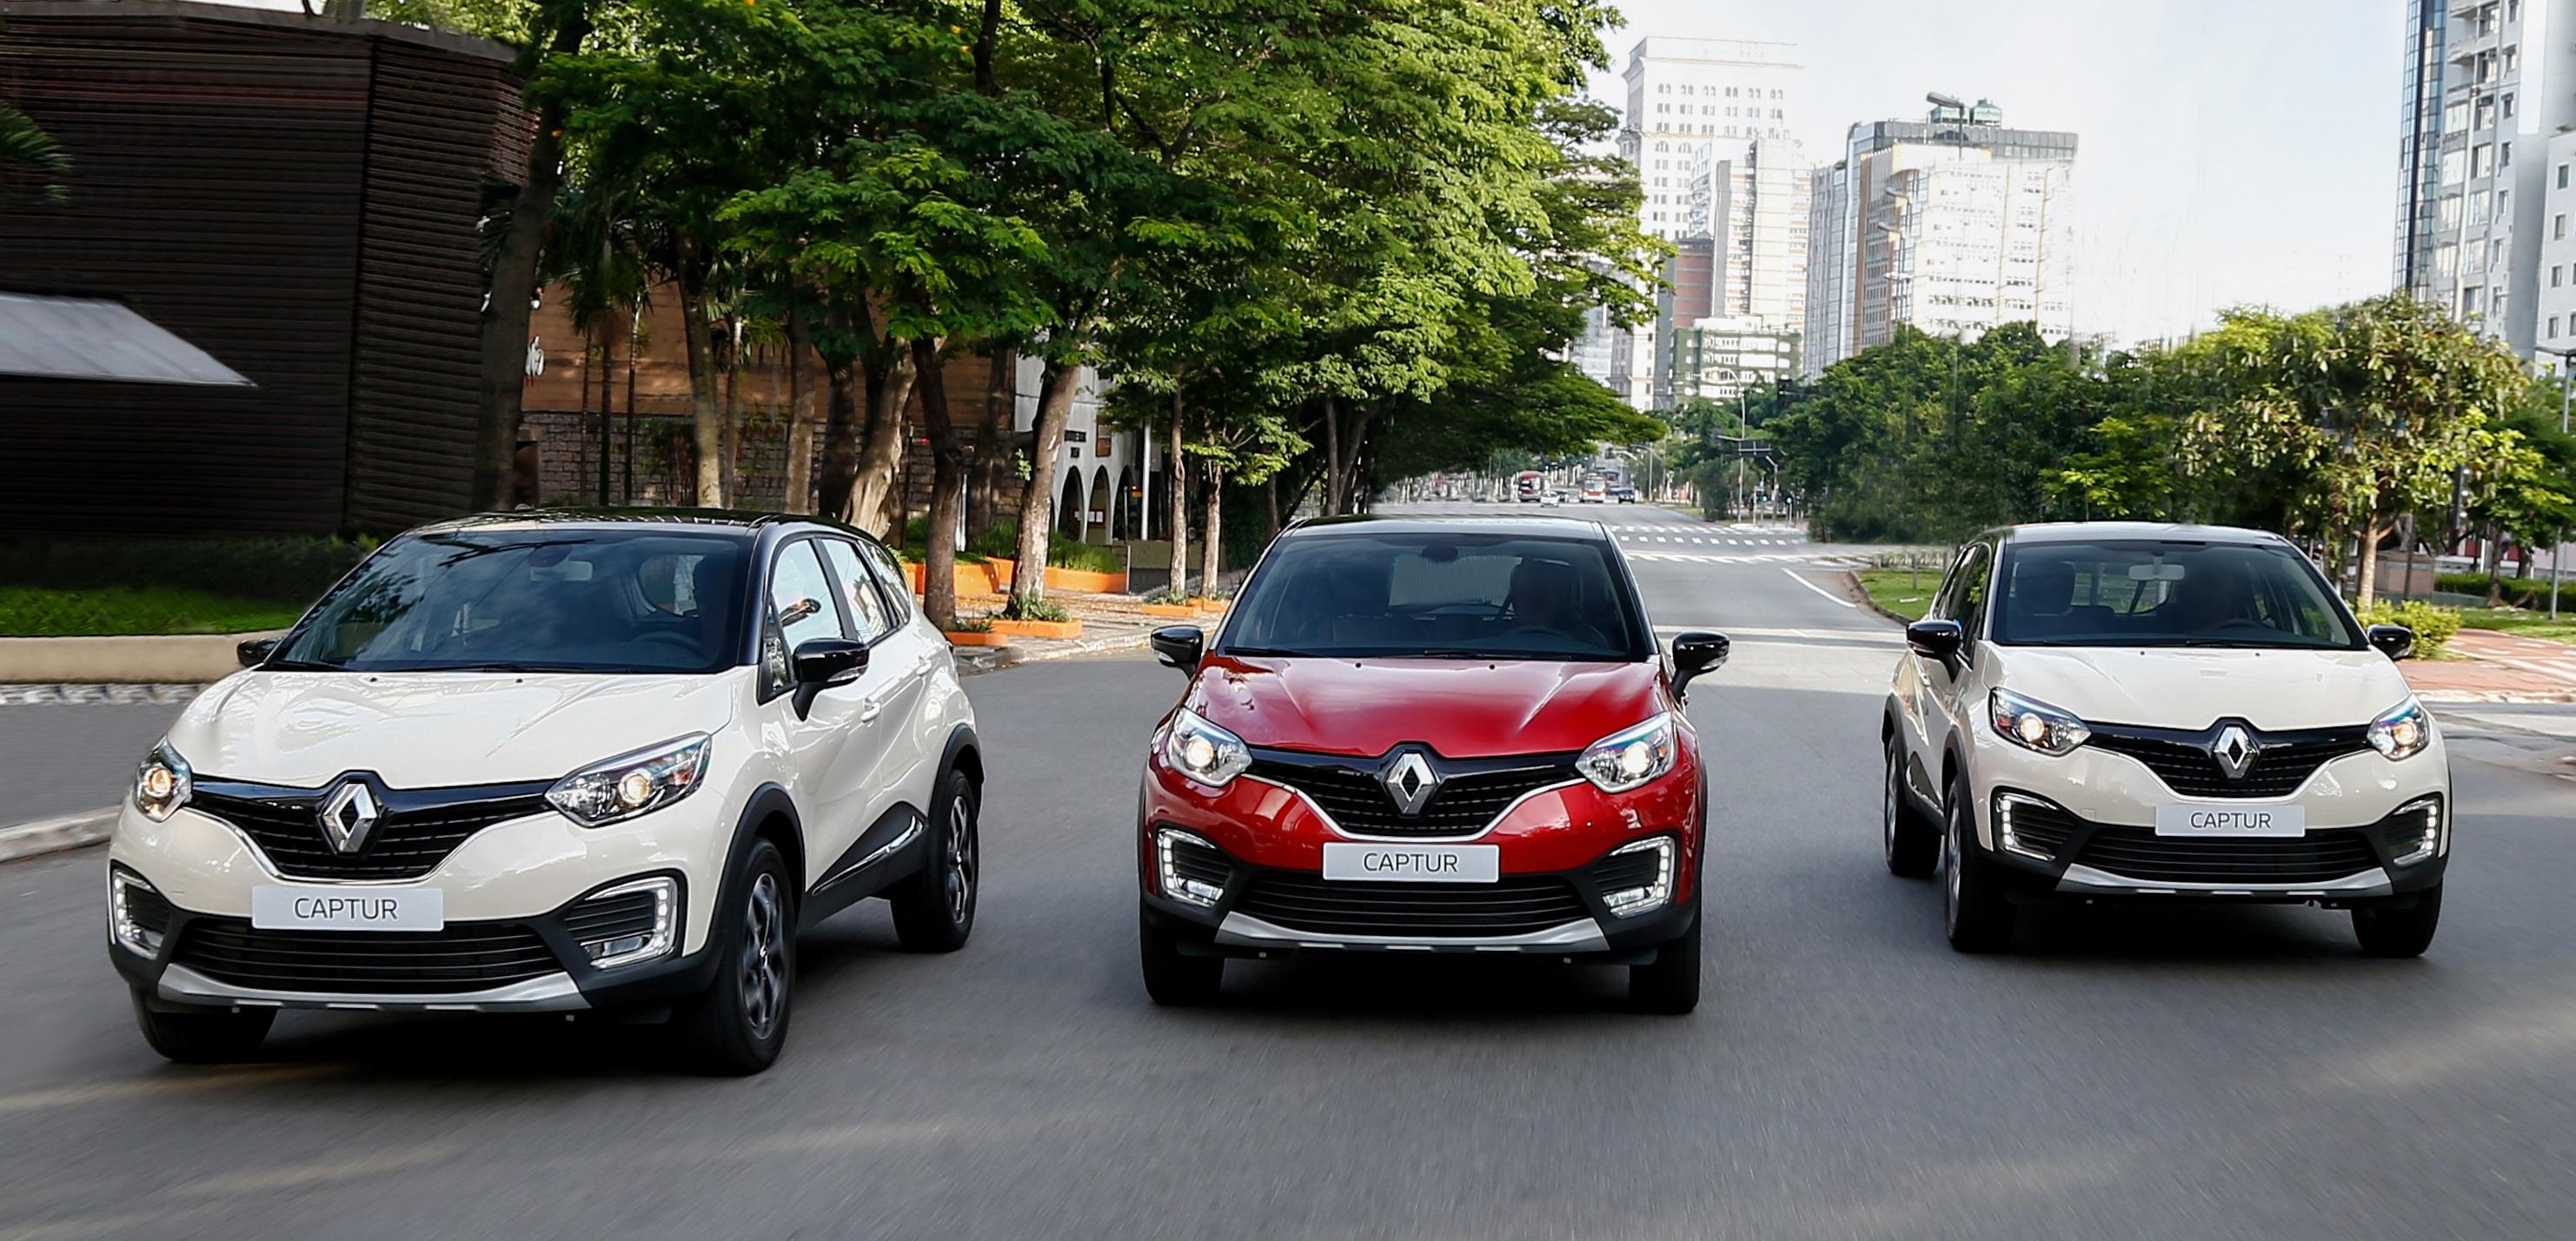 Renault fecha agosto com recorde de participação de mercado; Captur cresce 161% em vendas